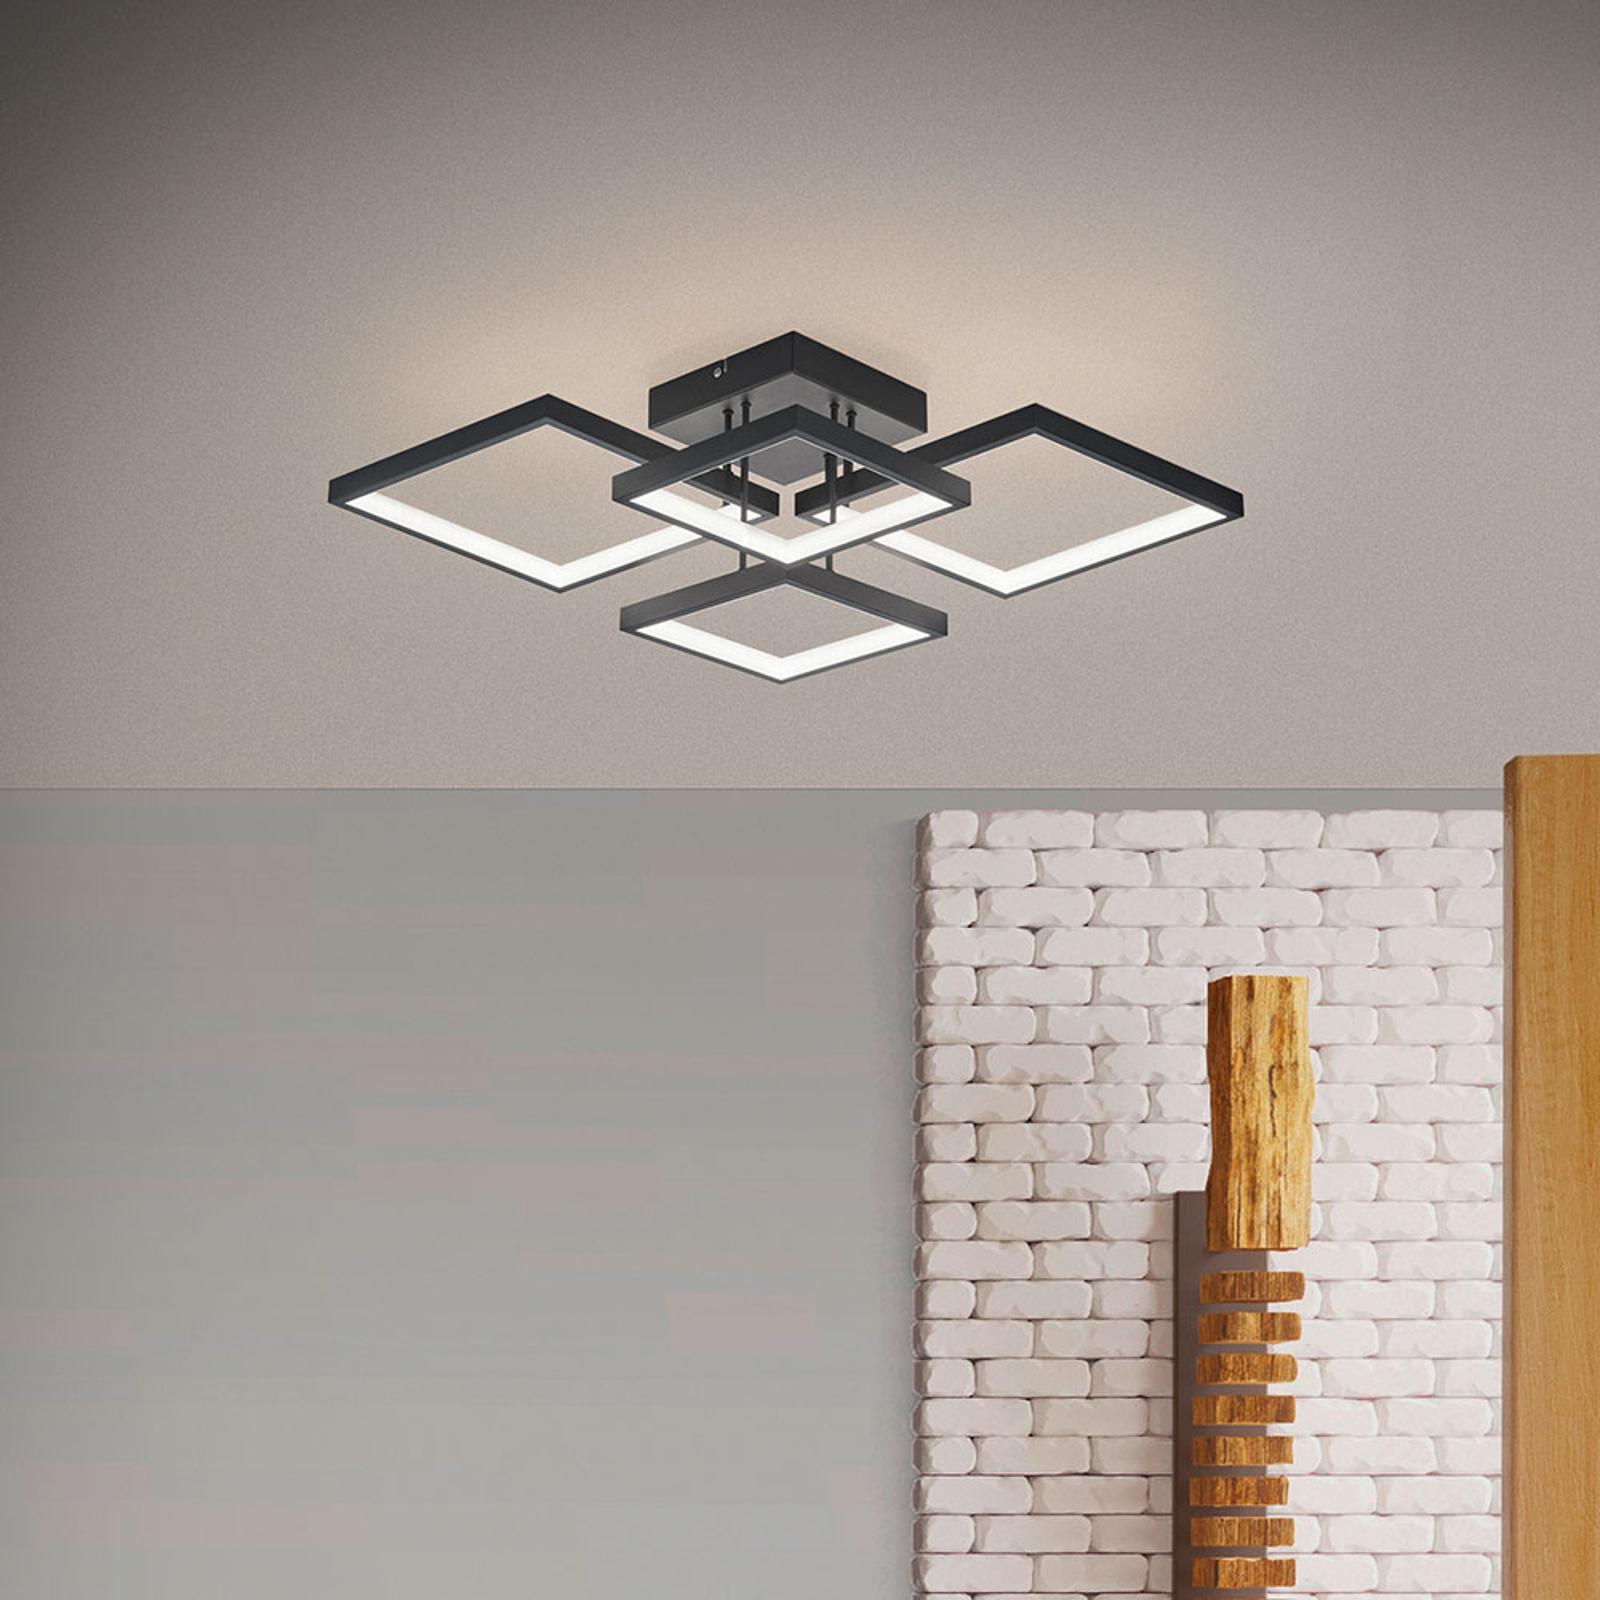 LED stropní světlo Sorrento 52x52cm, černý matný